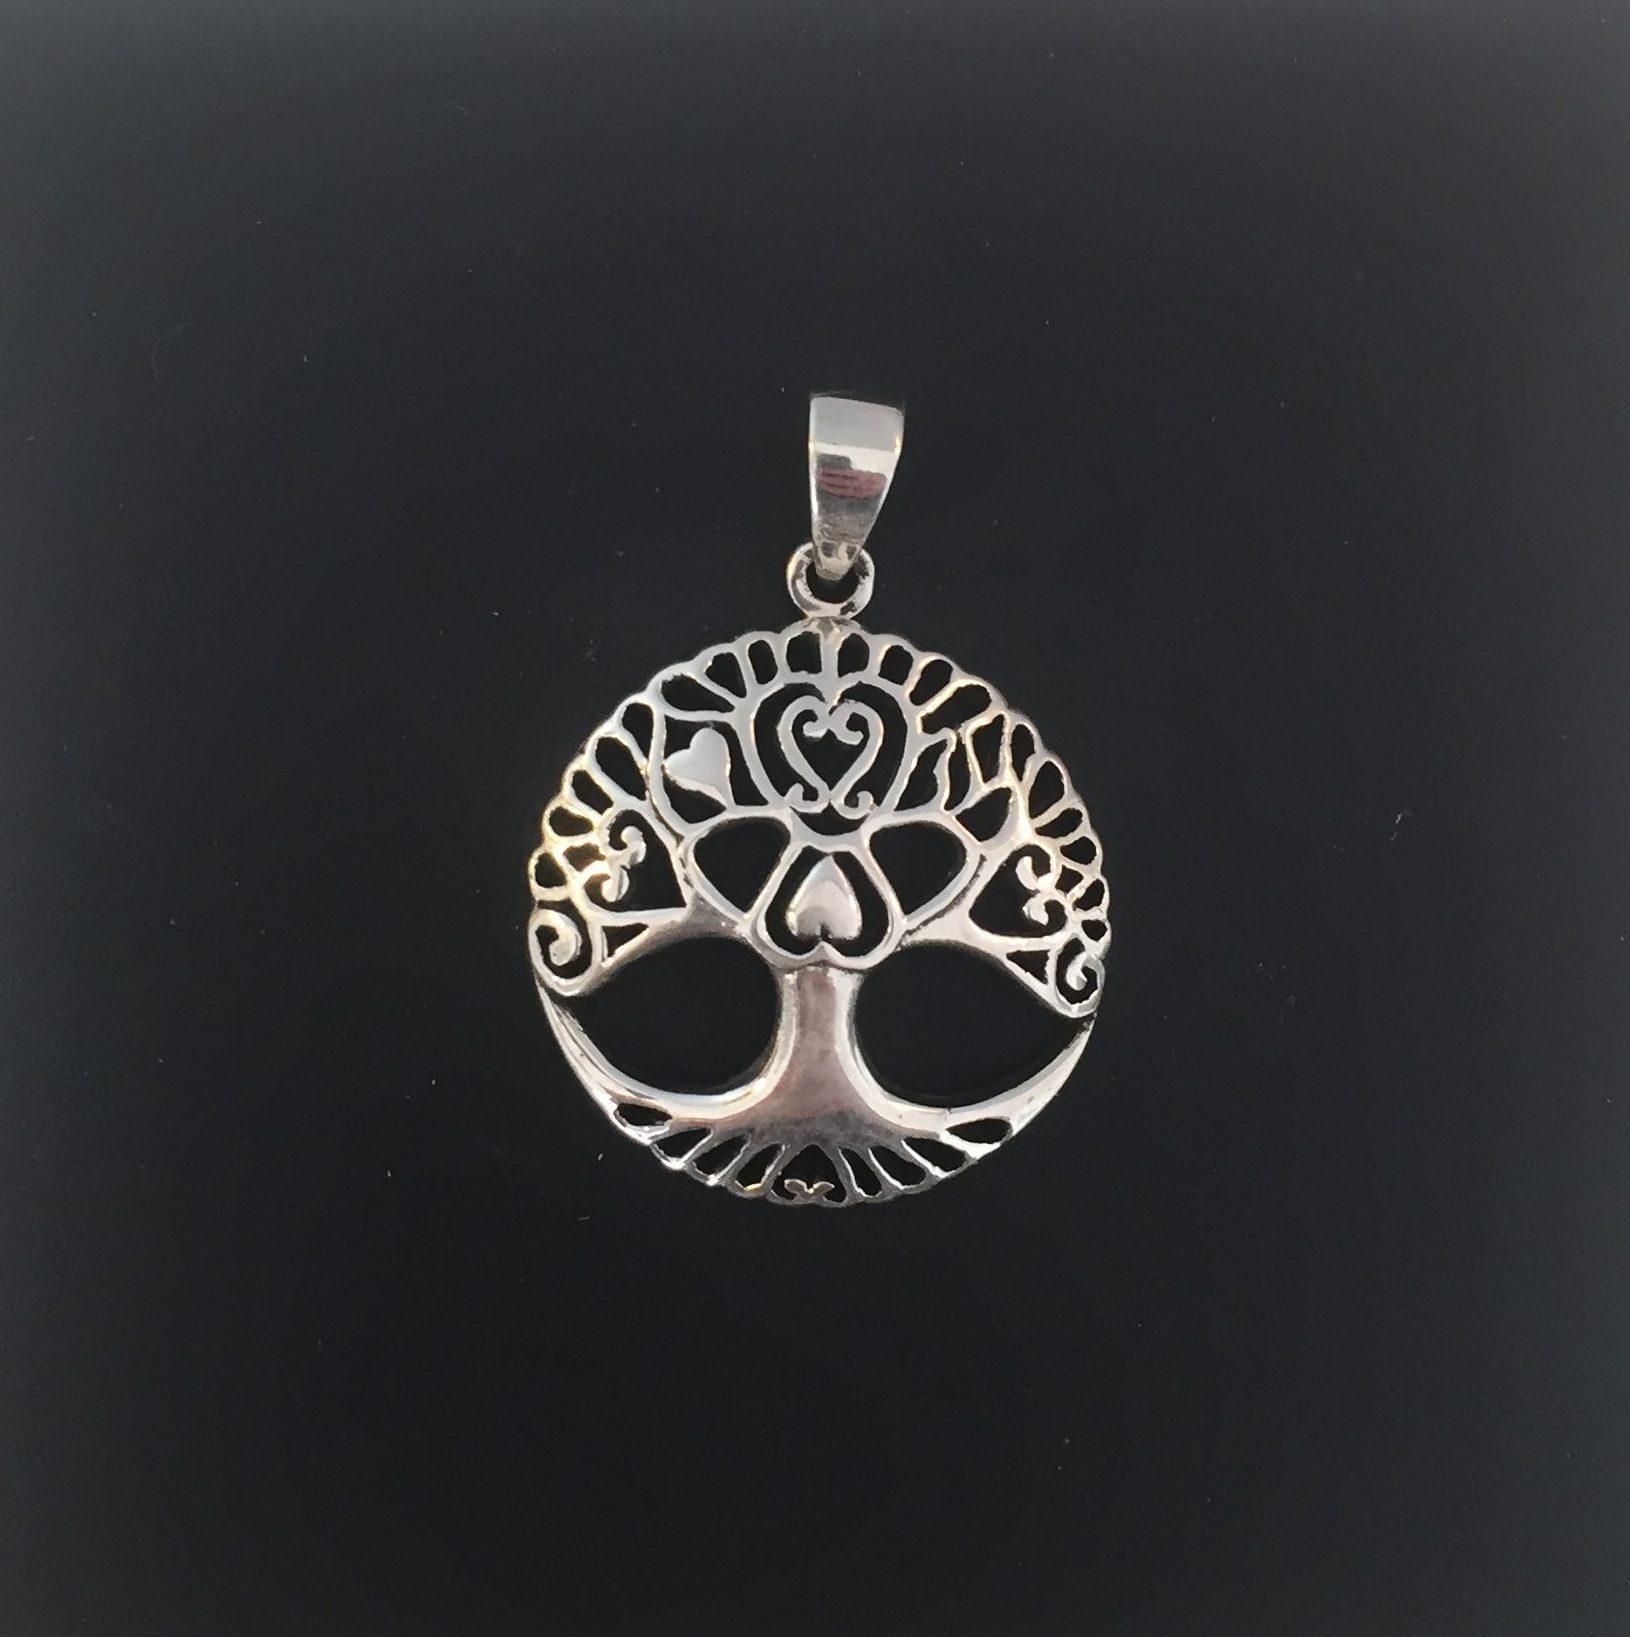 2358ac0c5f4 Rundt vedhæng i sølv – Livets træ Yggdrasil med hjerter.